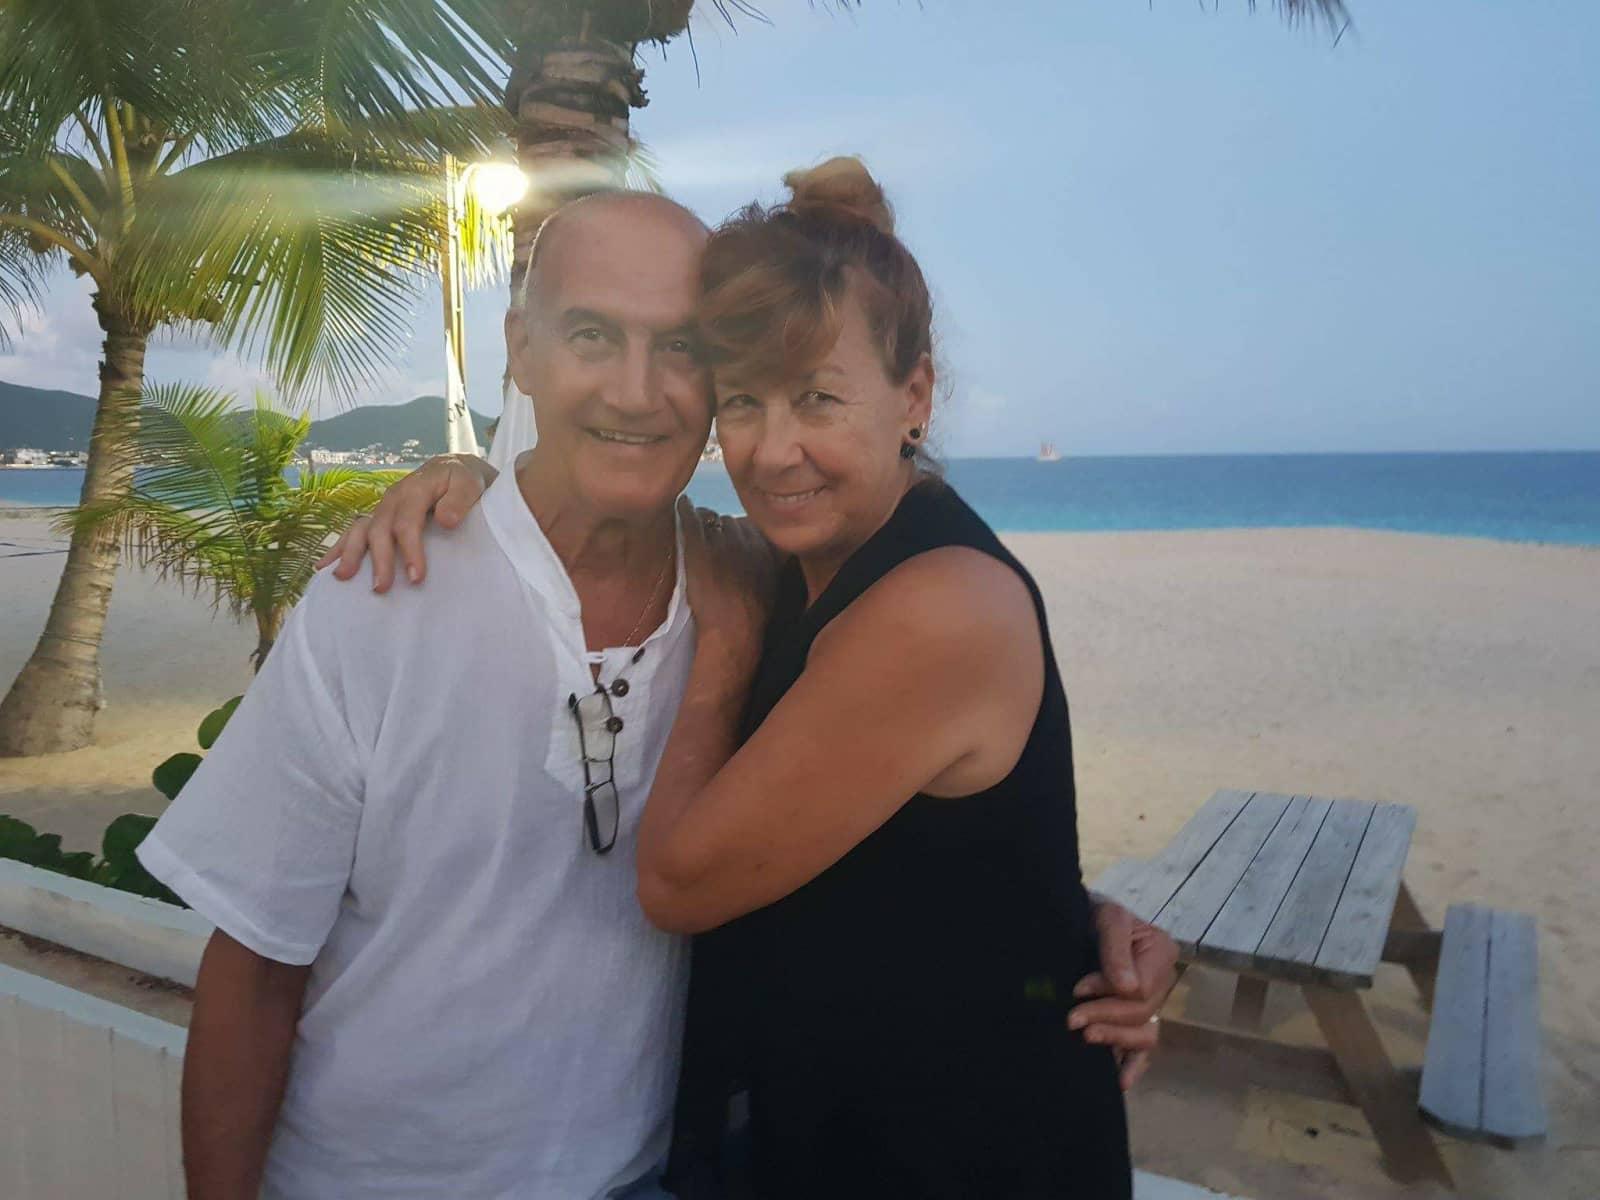 Phyllis & James from Phoenix, Arizona, United States